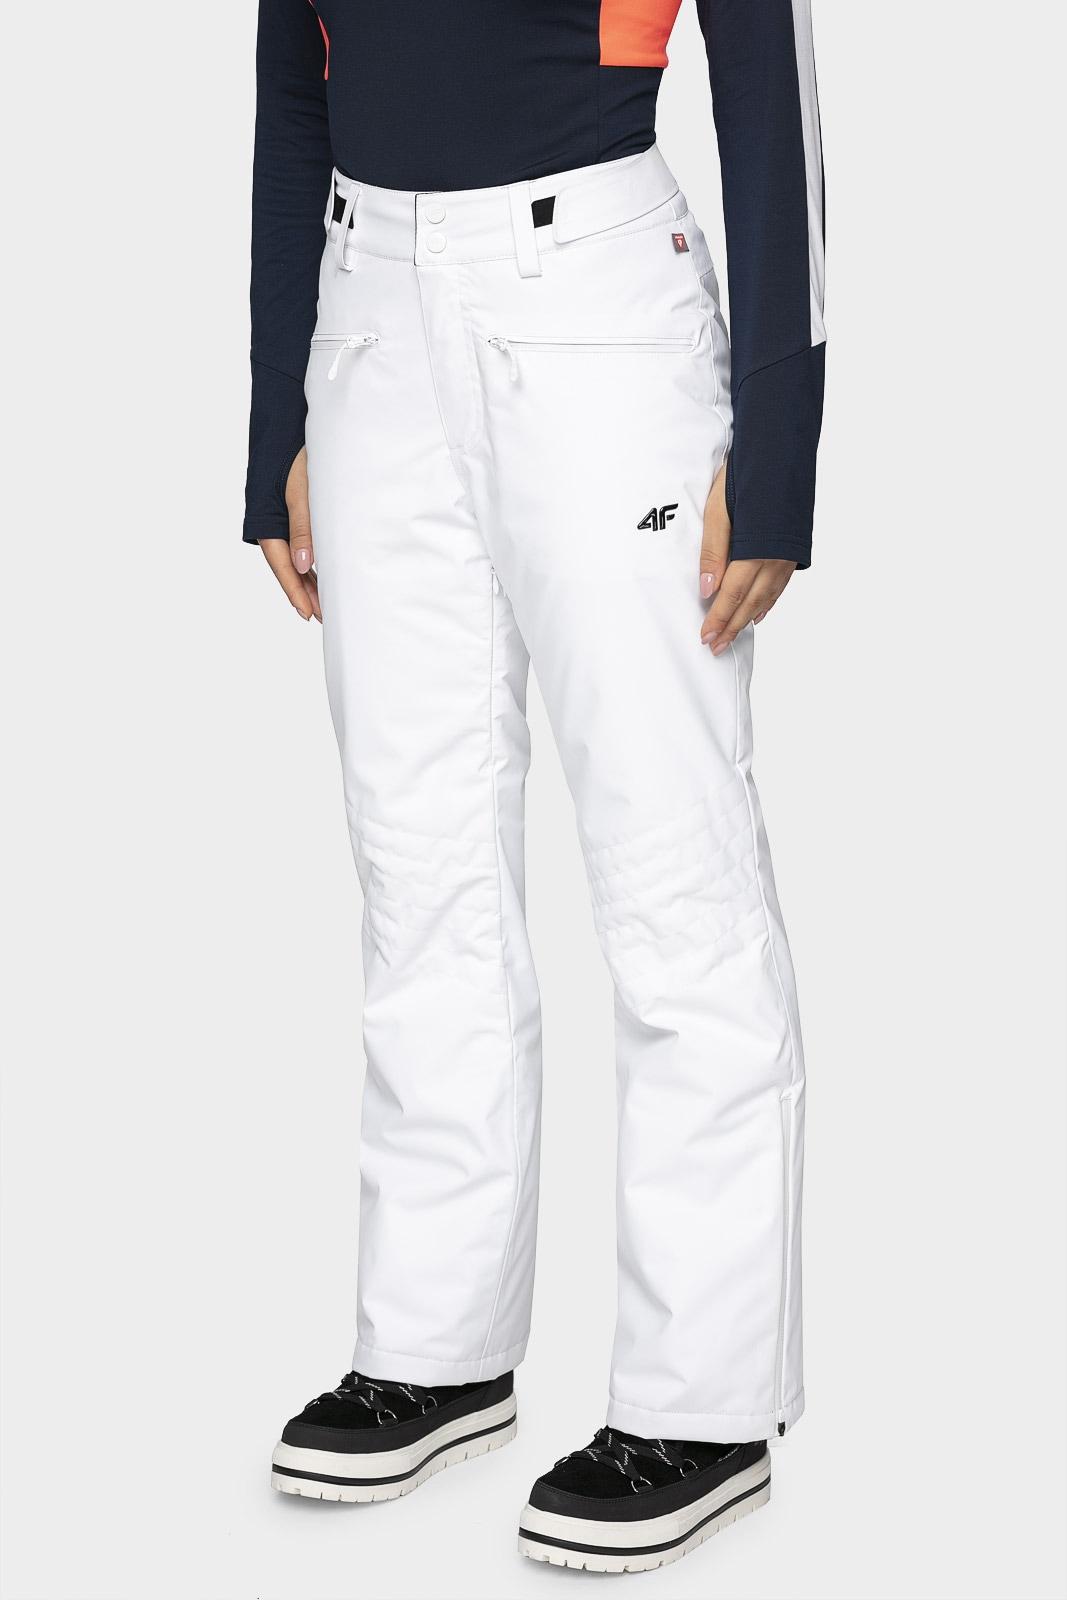 Spodnie narciarskie damskie SPDN004 - biały